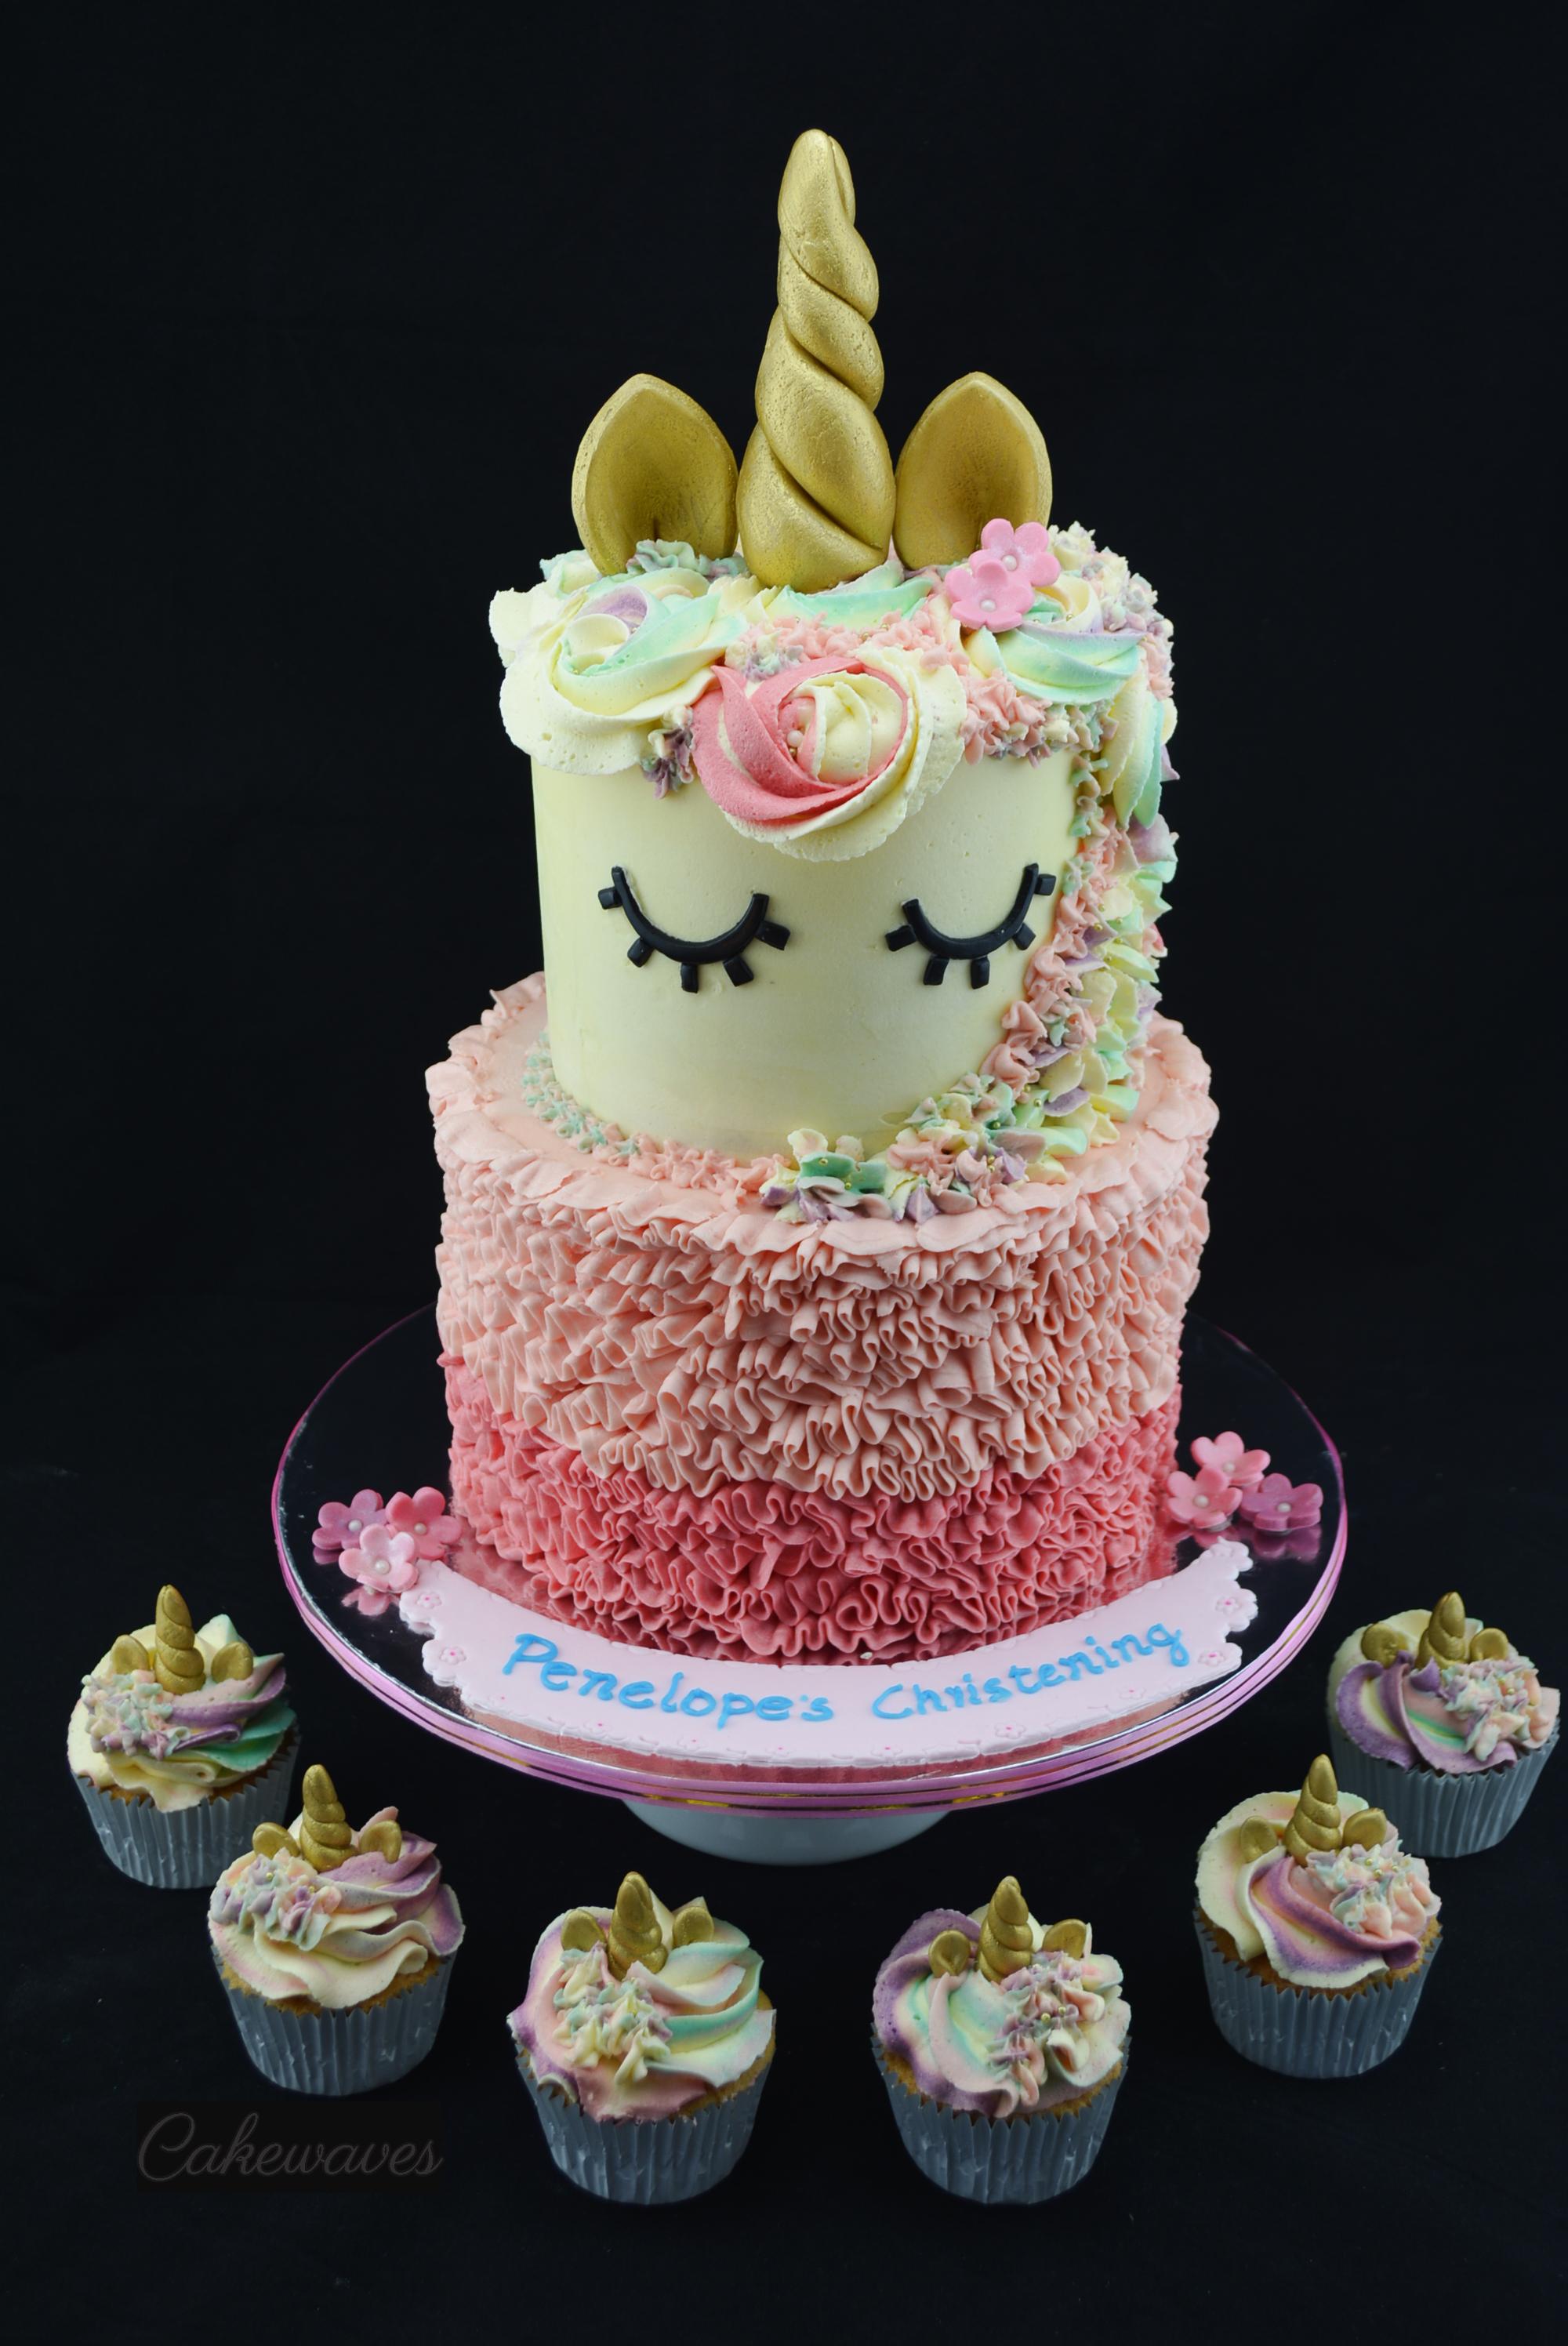 UnicornCake2_cakewaves